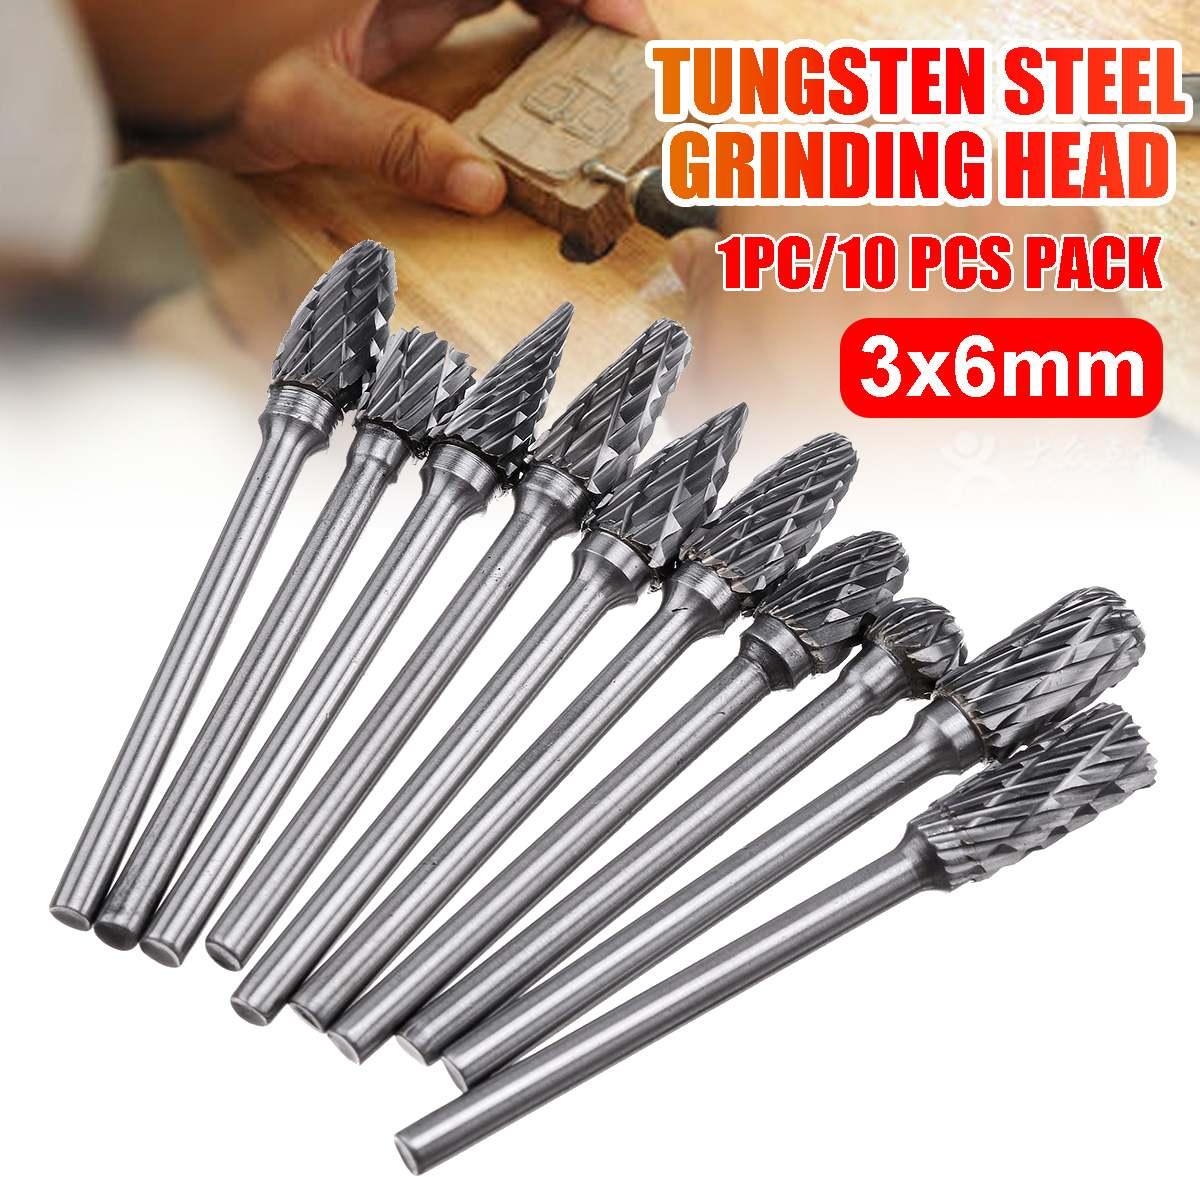 Drillpro 10 stücke Wolfram Stahl Schleifen Kopf Hartmetall Grate Sets Mini Bohrer Diamant Bohrer Material Tungstenio Zubehör